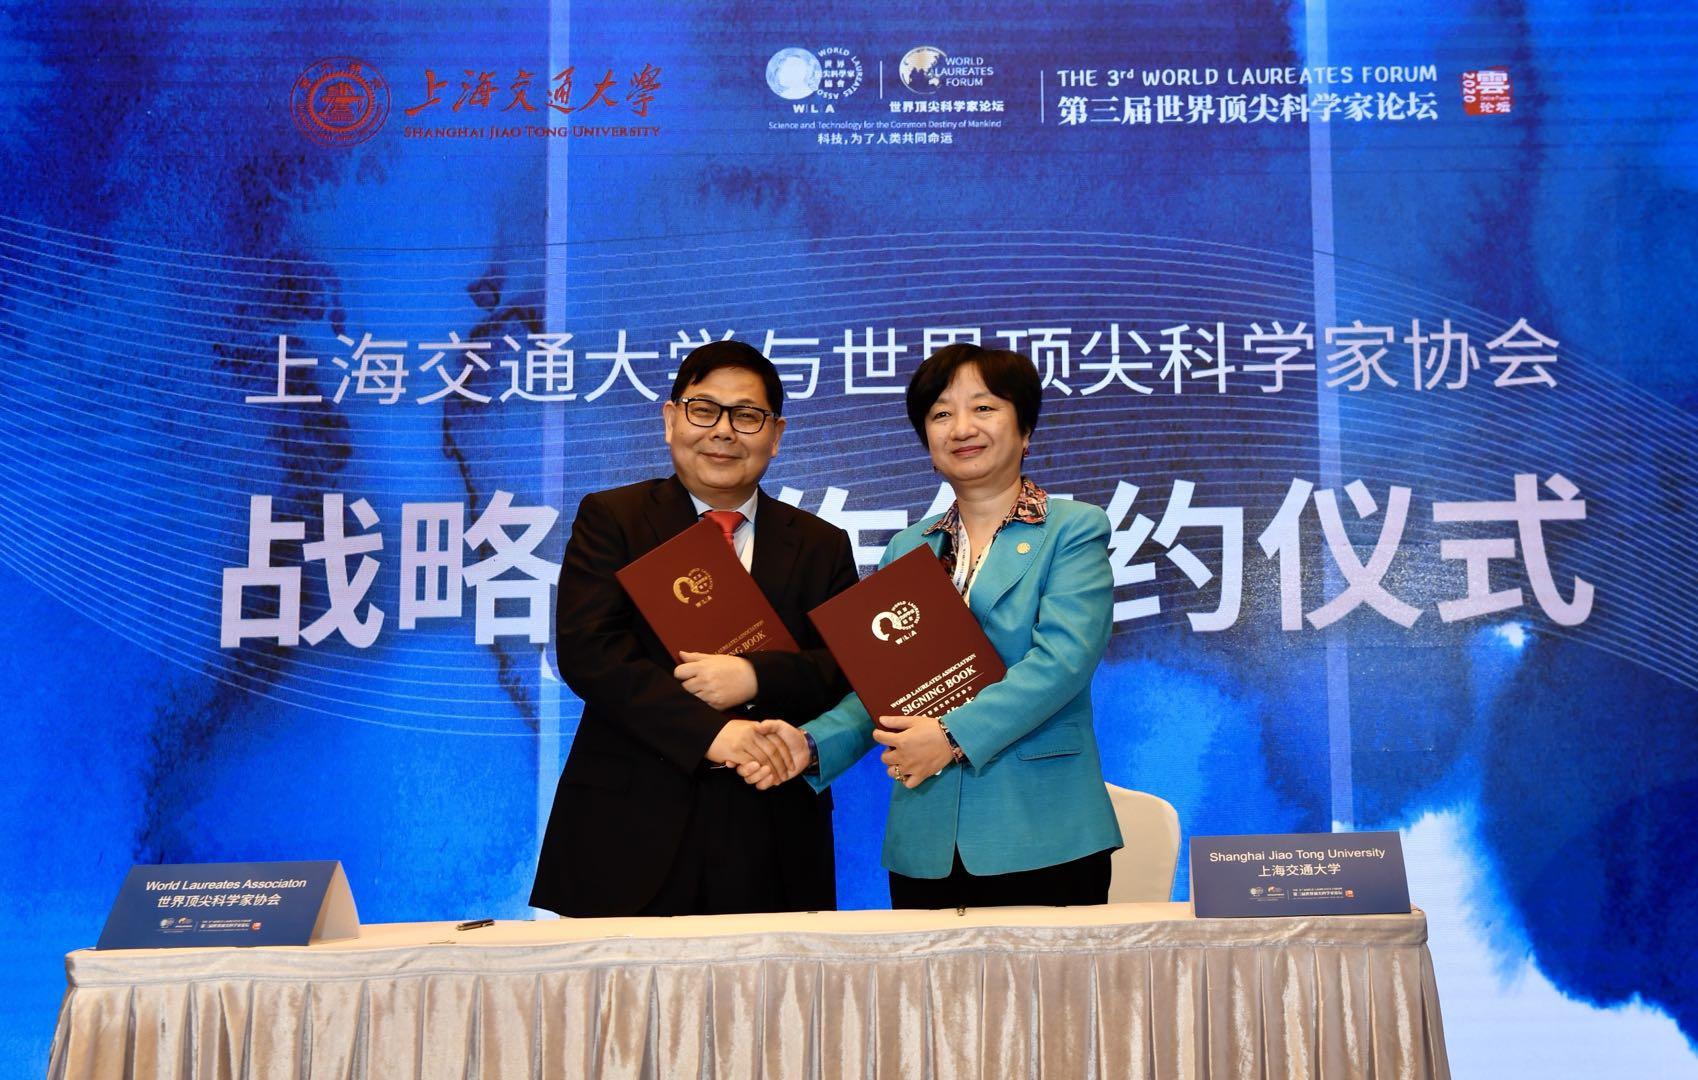 上海交通大学与世界顶尖科学家协会签约战略合作 ,全球125个科学问题发布倒计时仪式举行